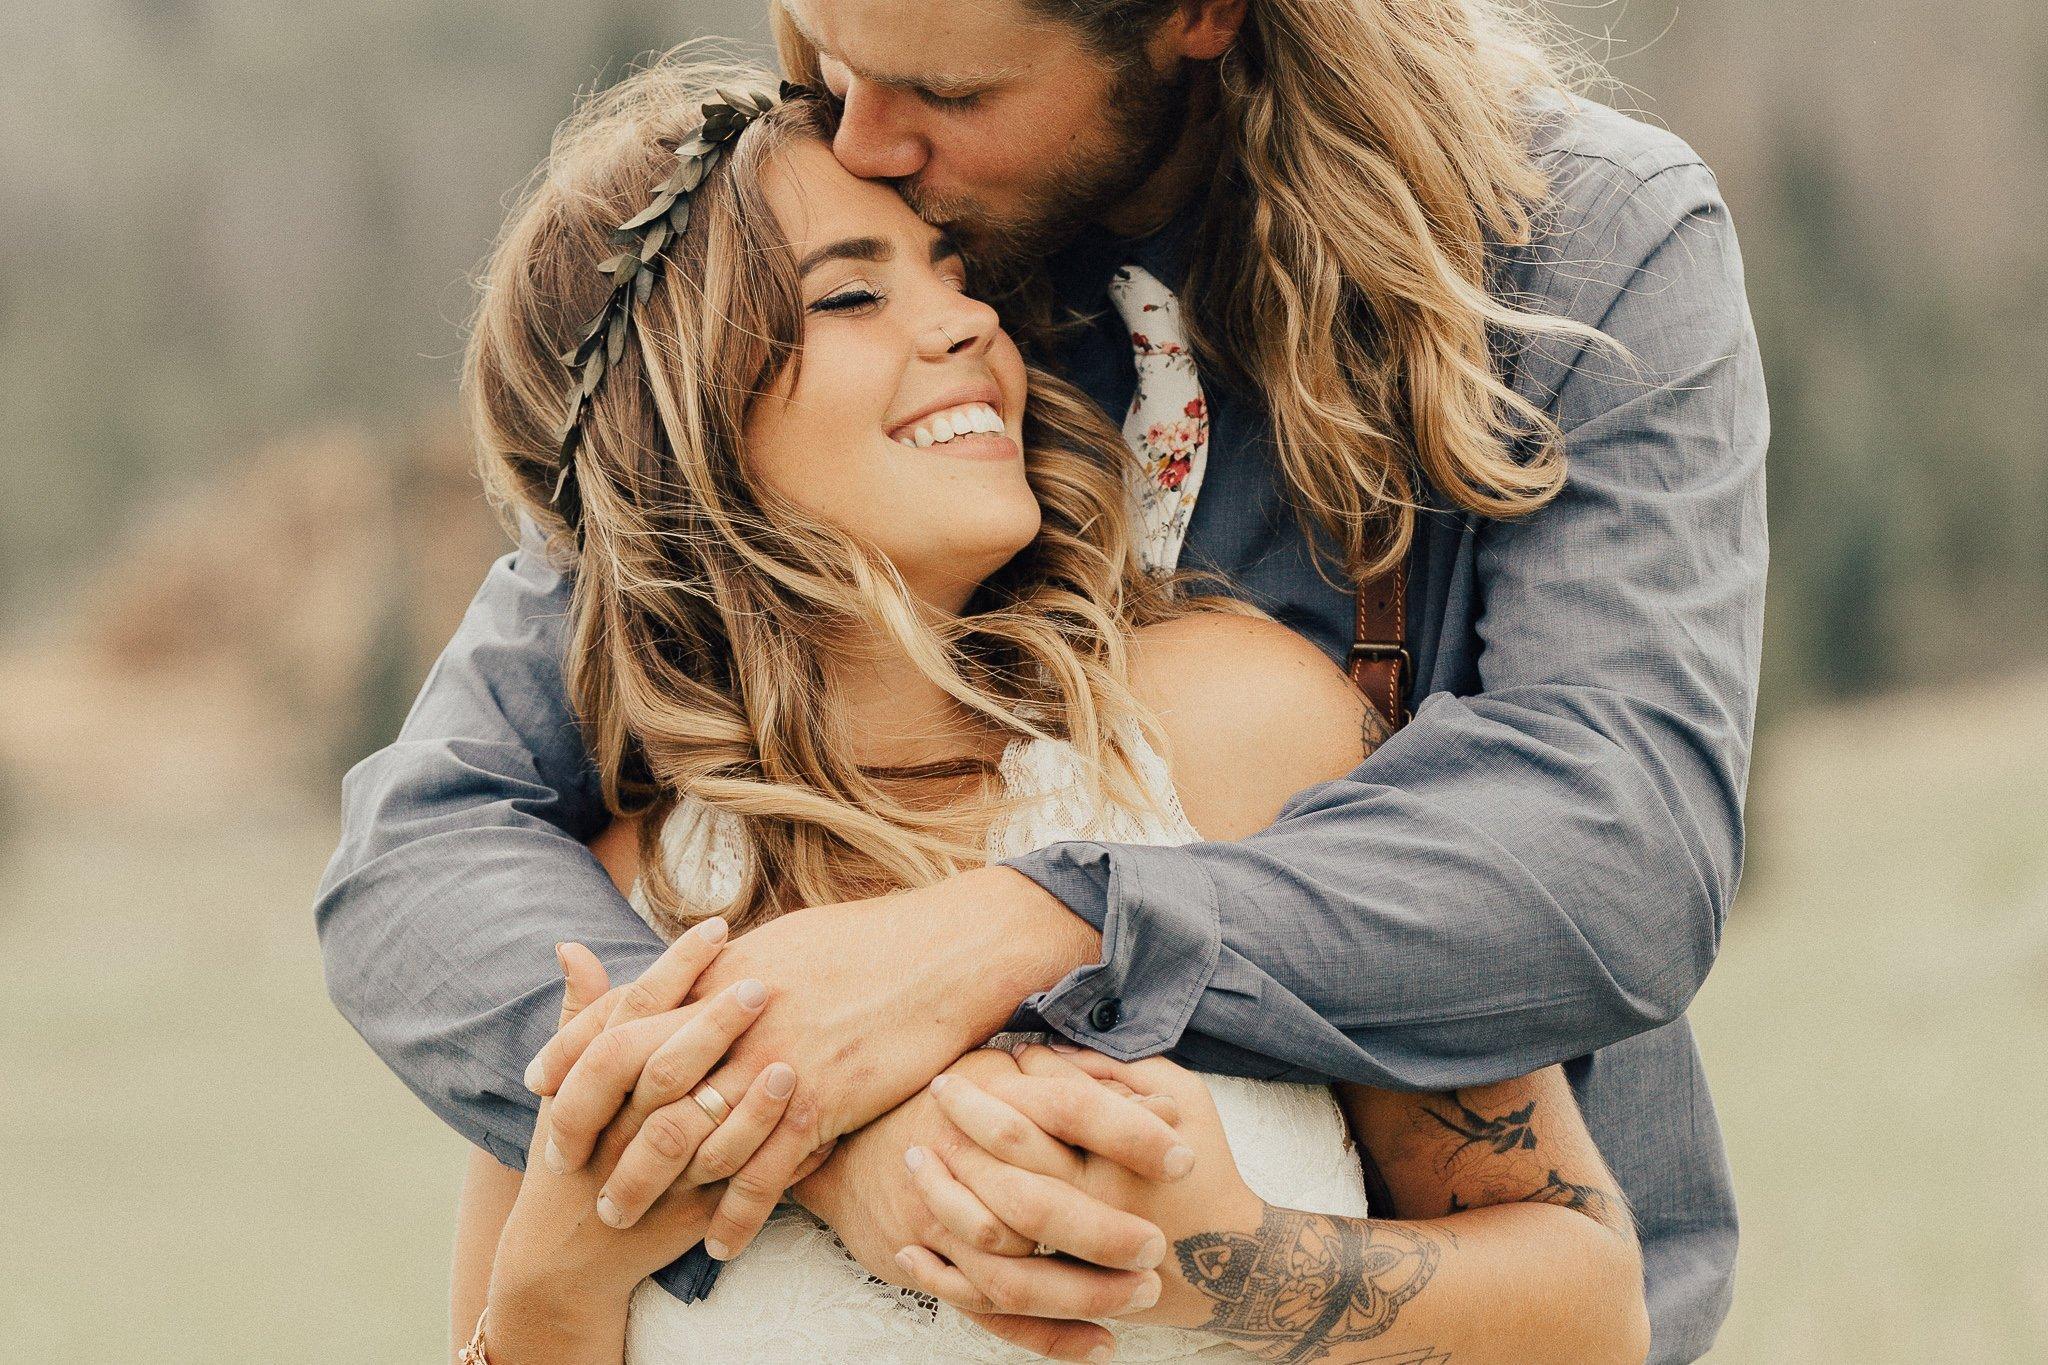 Colorado Mountain Weddings and Elopement Photographer, Justyna E Butler, Colorado wedding Photographer for Adventurous Couples